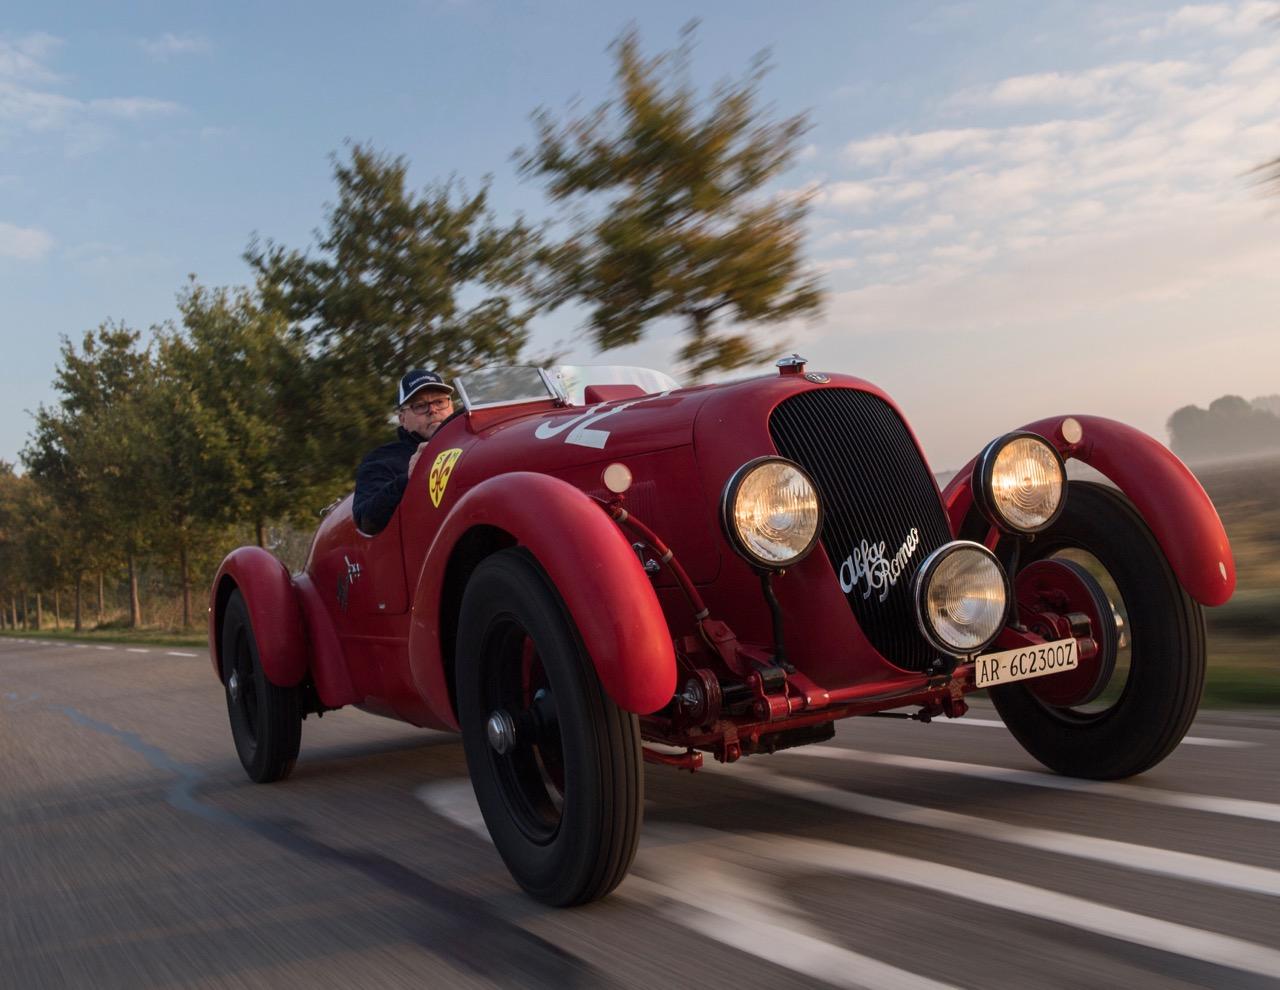 1934 Alfa Romeo 6C 2300 Pescara spider at speed